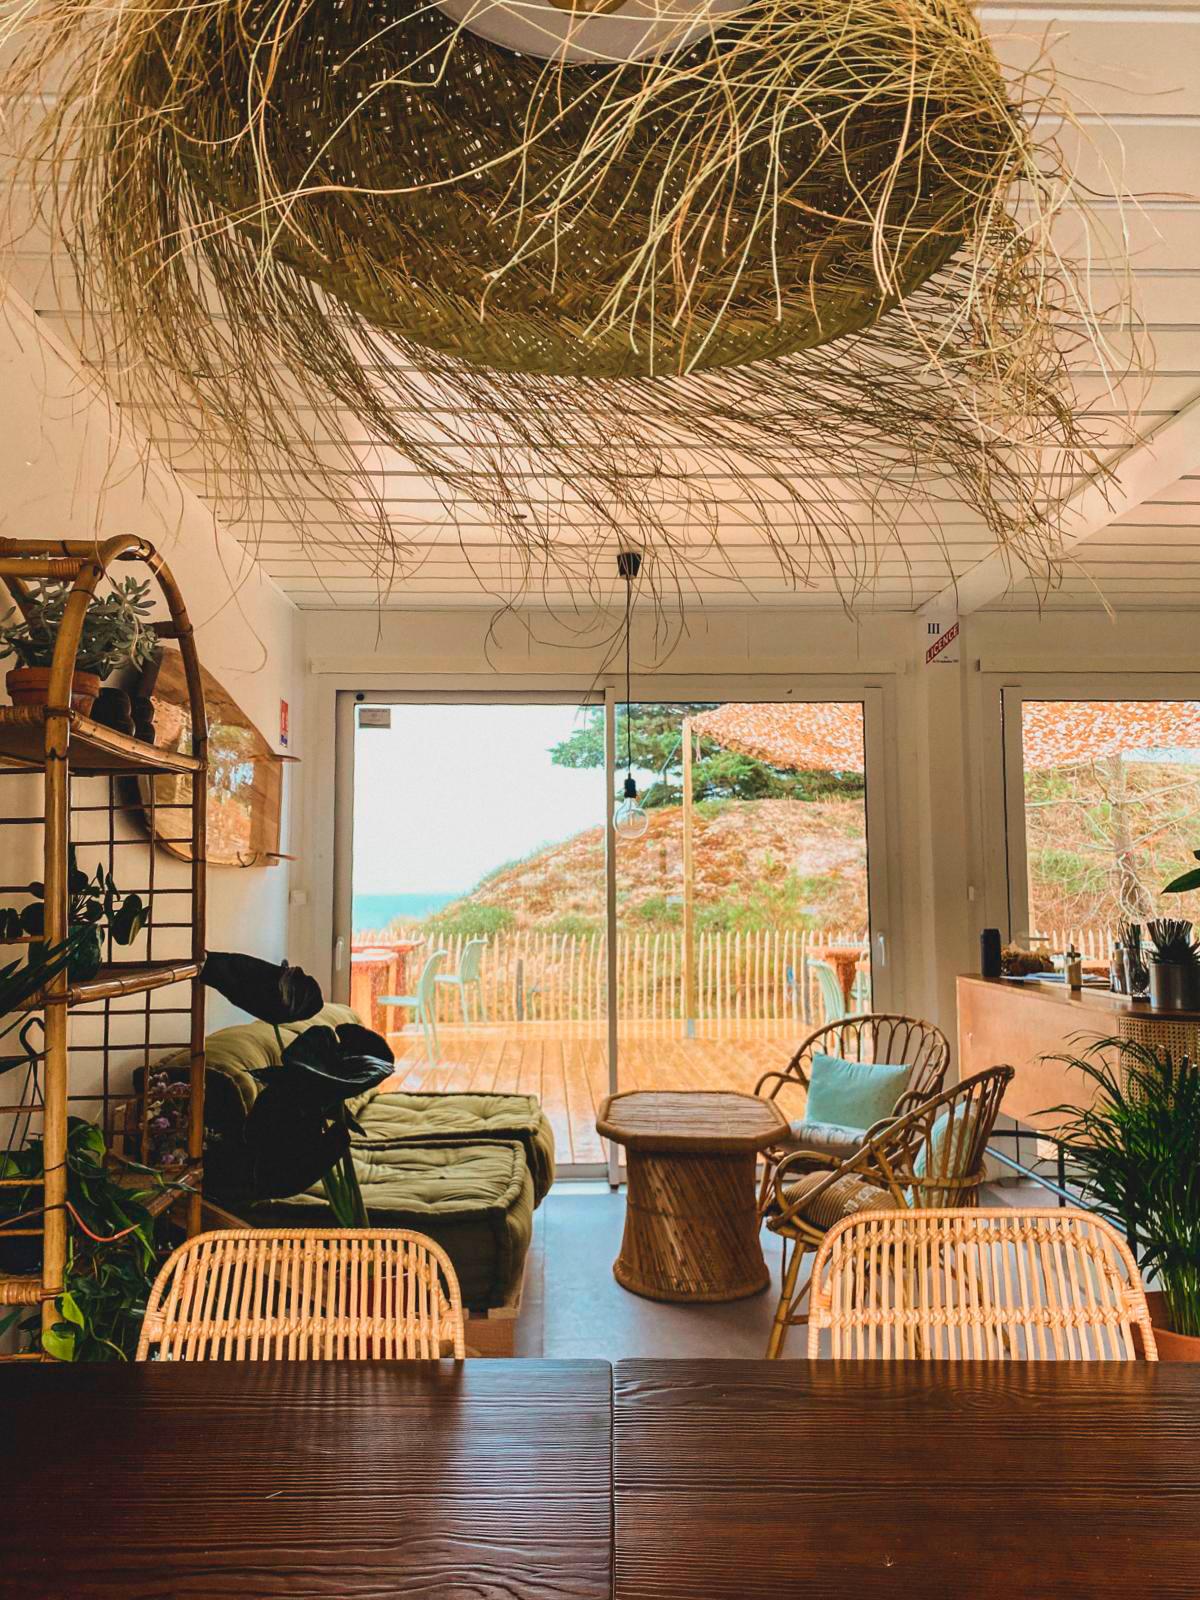 Moments, café restaurant à l'ambiance zen et cocooning l'été en Vendée